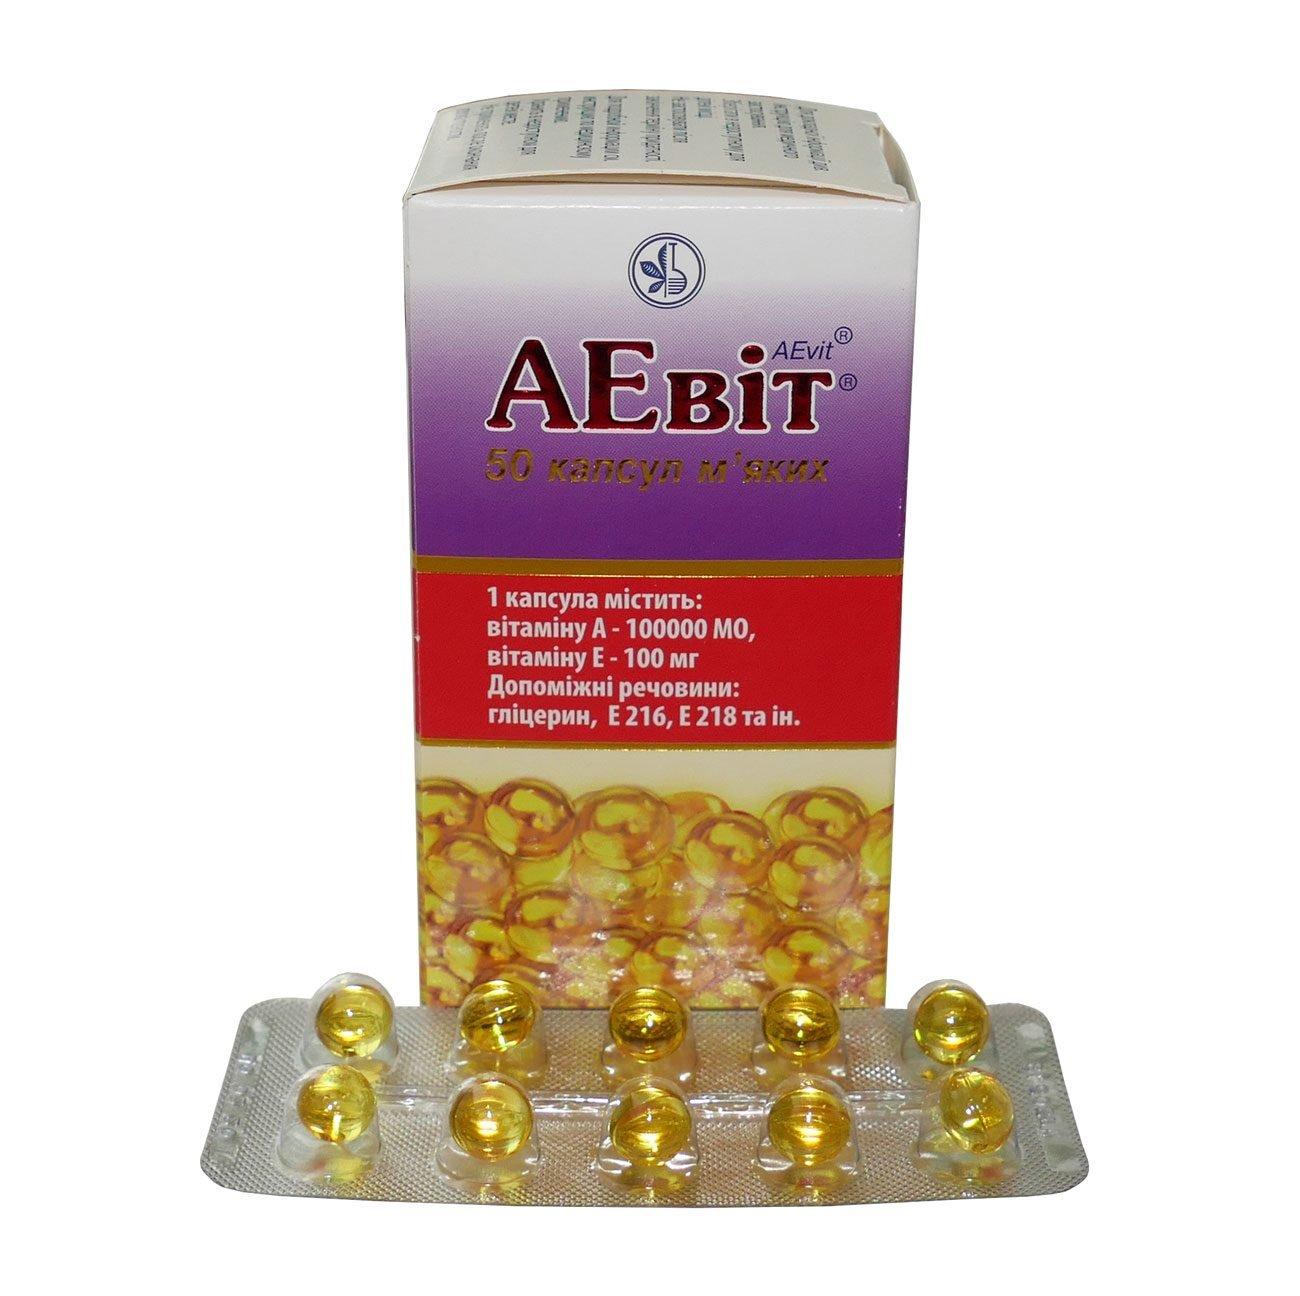 Aevit (vitamin A,vitamin E) capsules №50